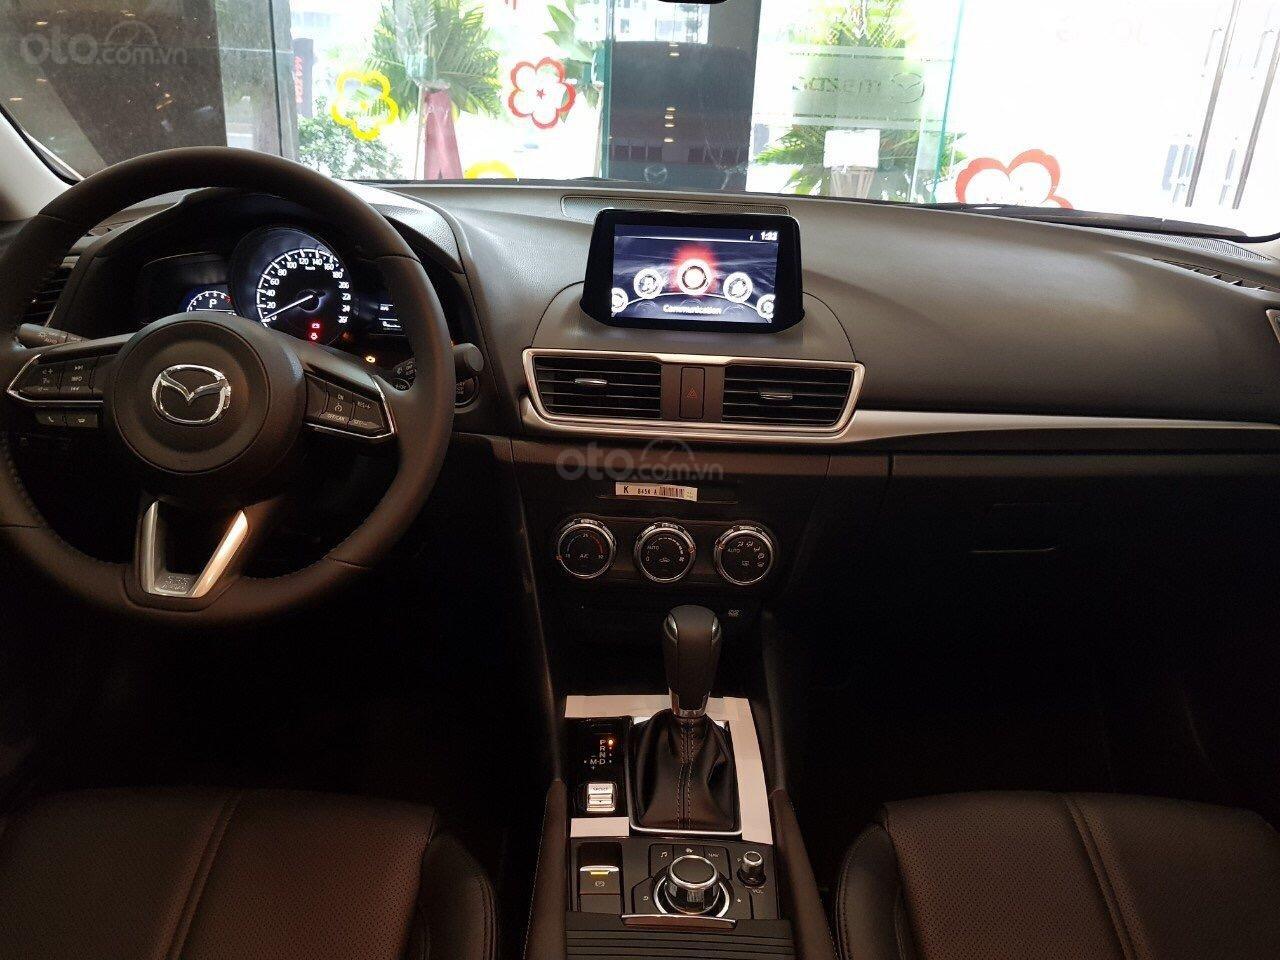 Cần bán Mazda 3 2019 giá chỉ từ 649 triệu, hỗ trợ mua trả góp 85%, tặng bộ phụ kiện chính hãng (4)